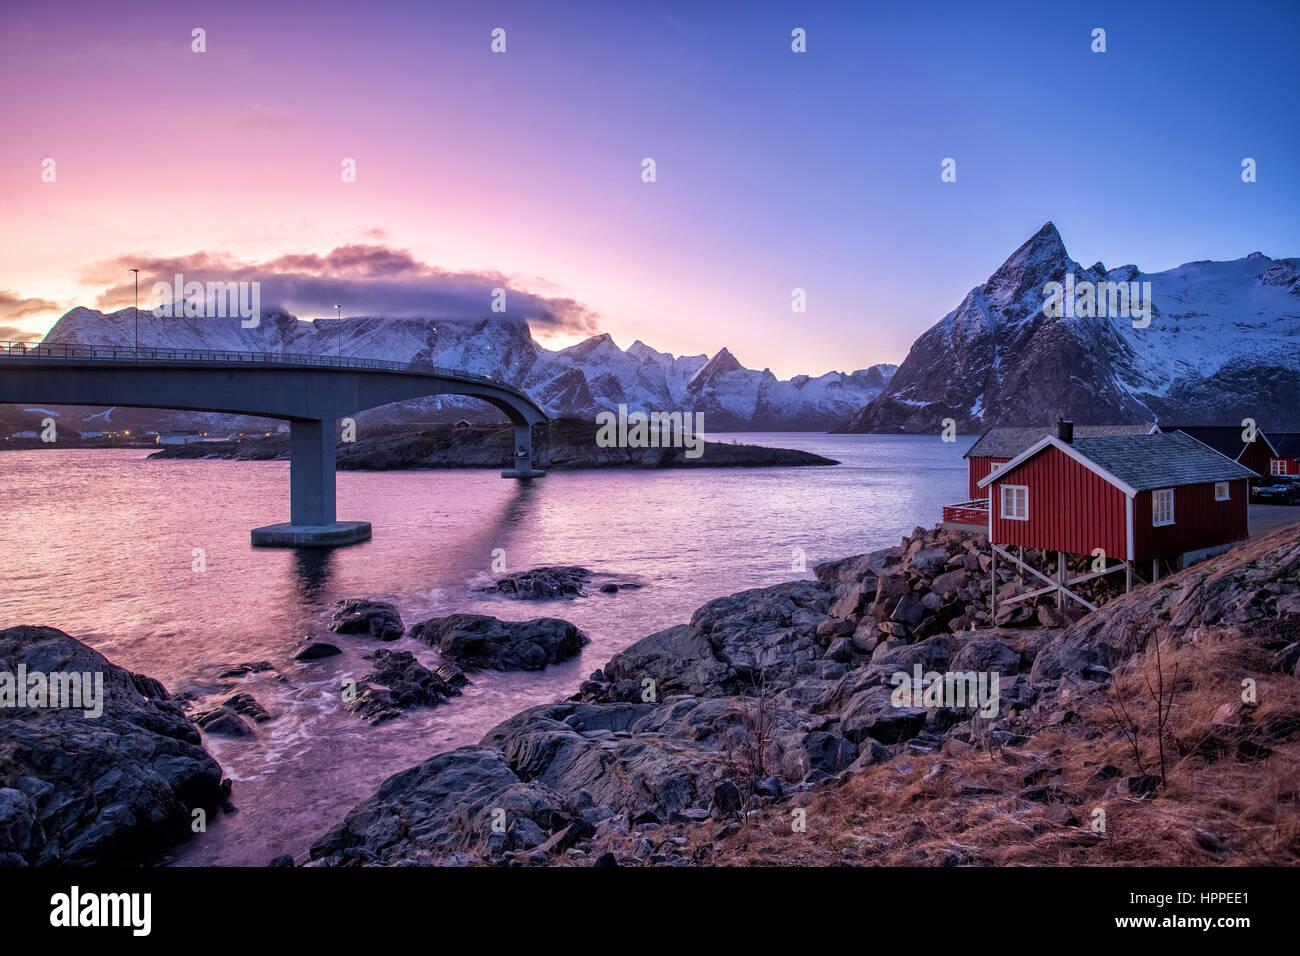 Hamnoy village, Lofoten Islands, Norway, Europe - Stock Image